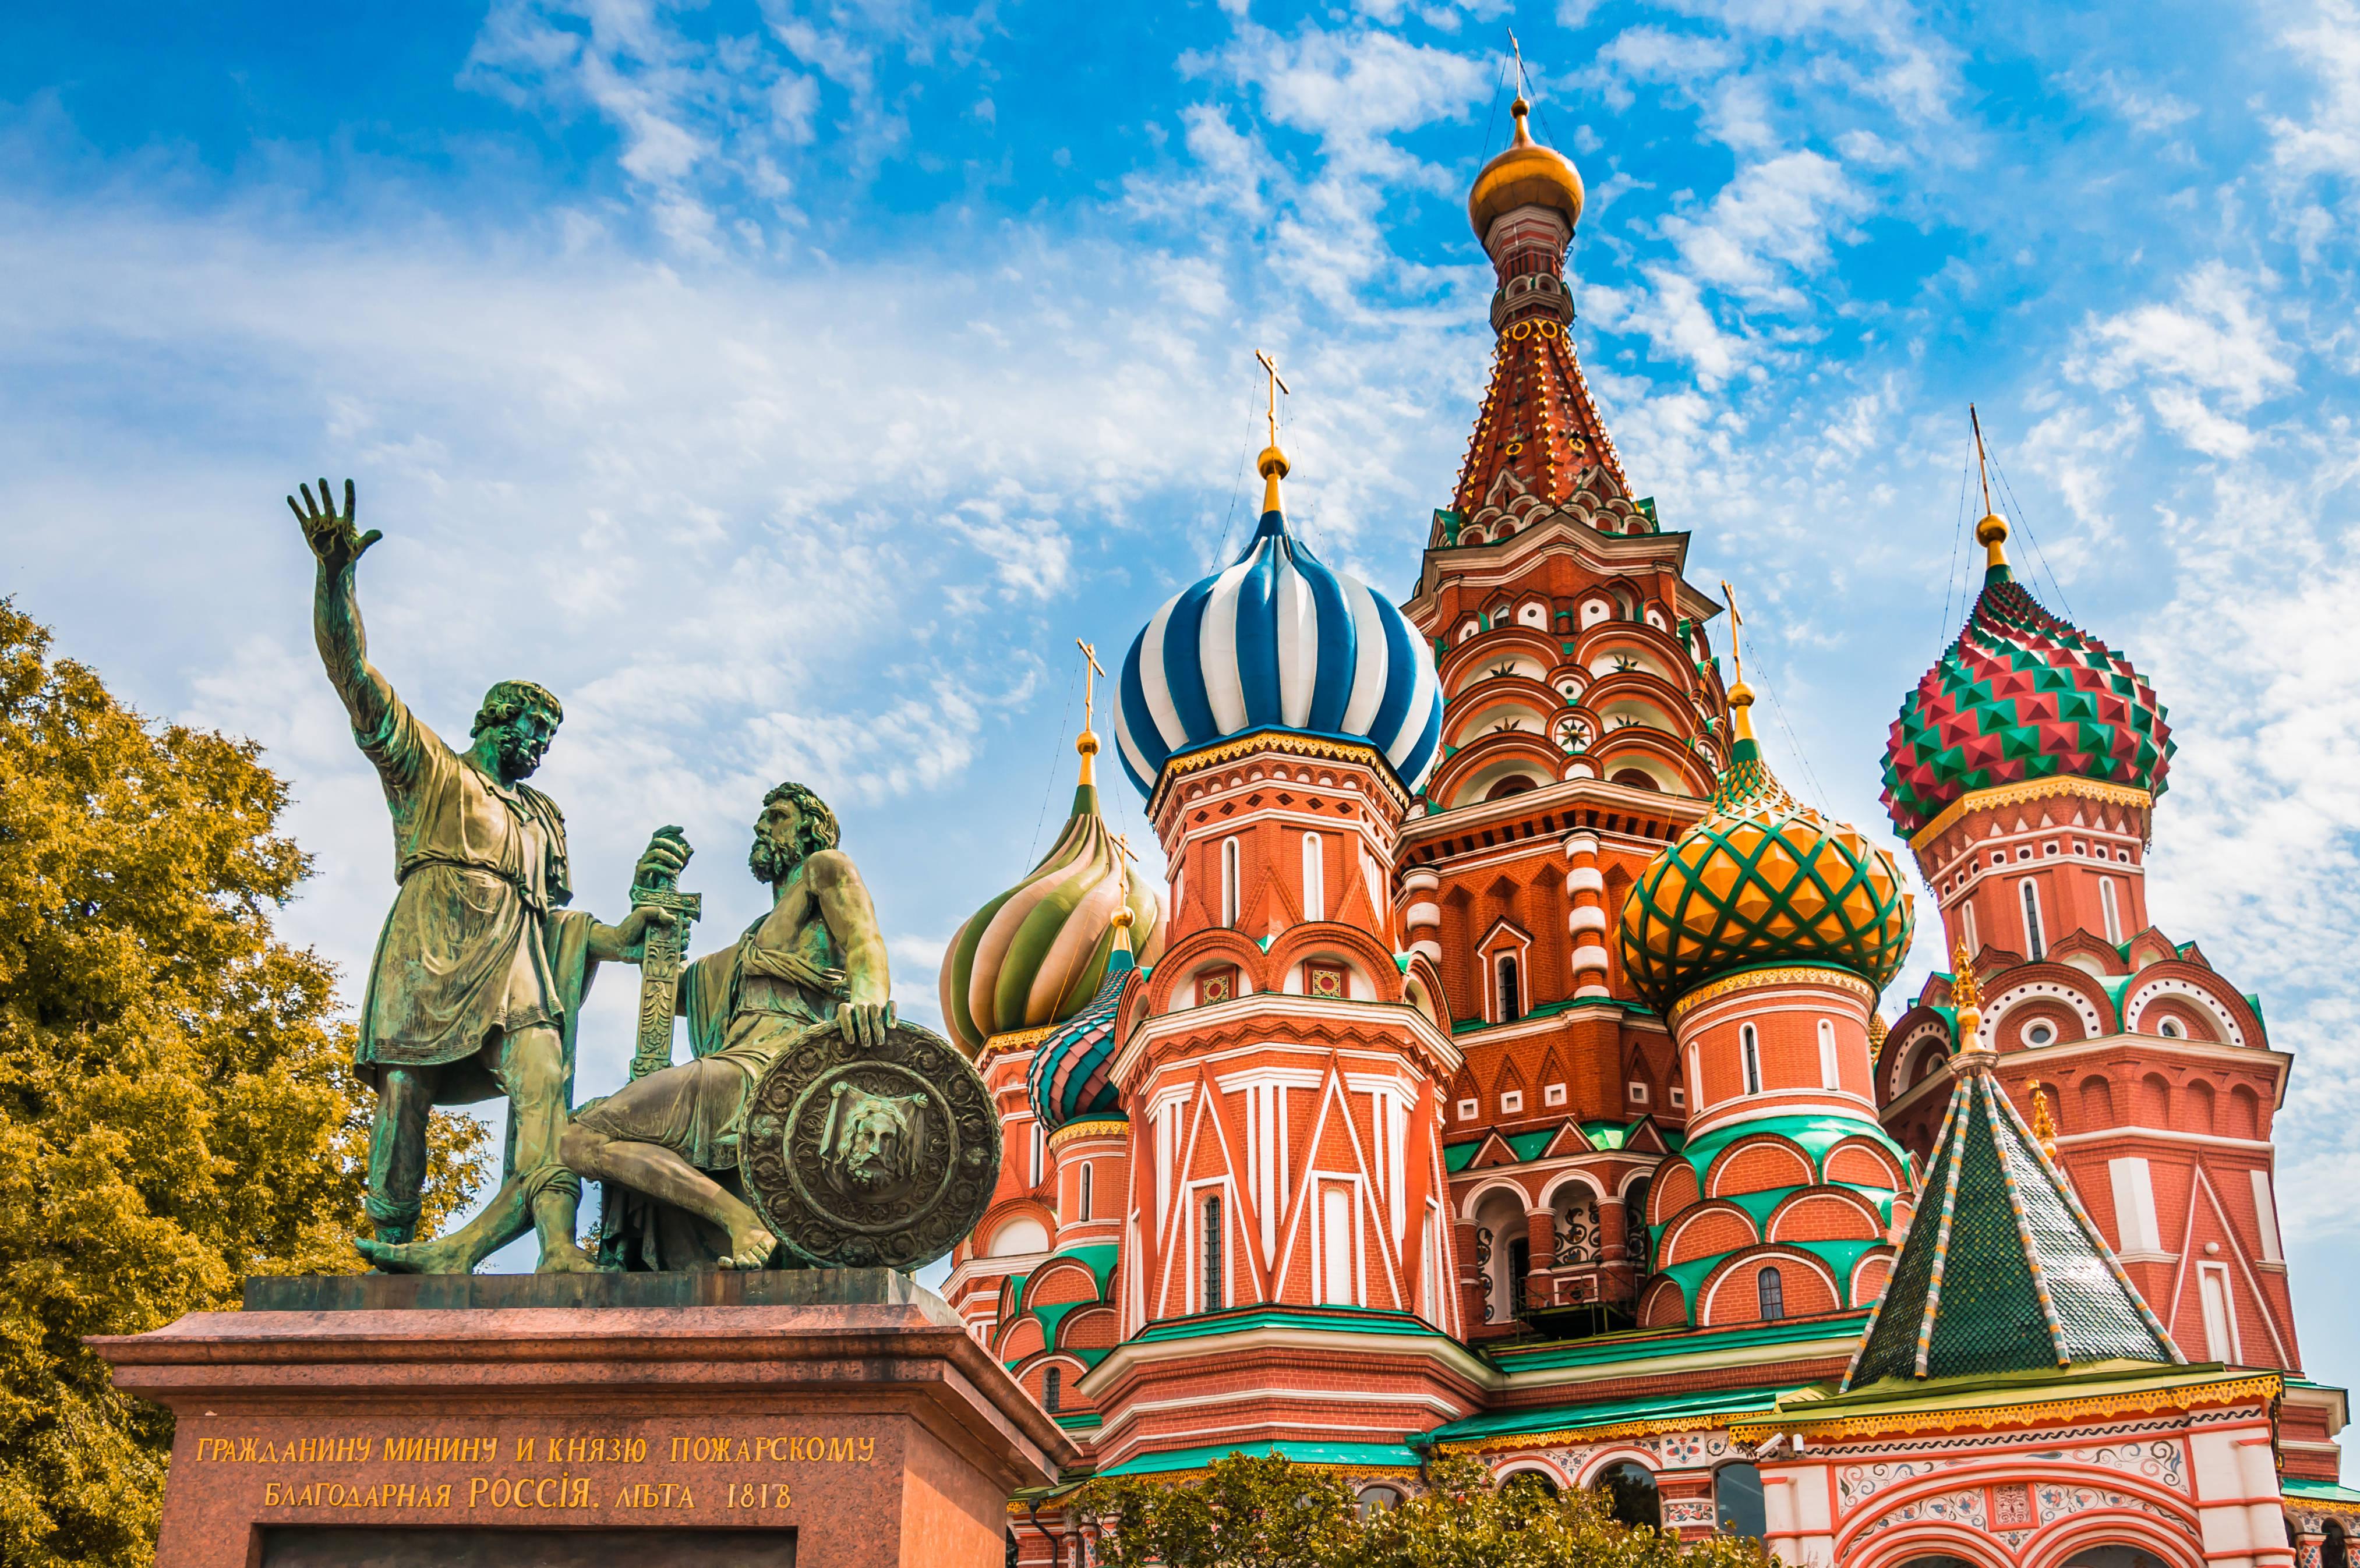 16. Internationale IHK-Begegnungswoche: Ostwestfalen meets Russia vom 11.-13. Juni 2018